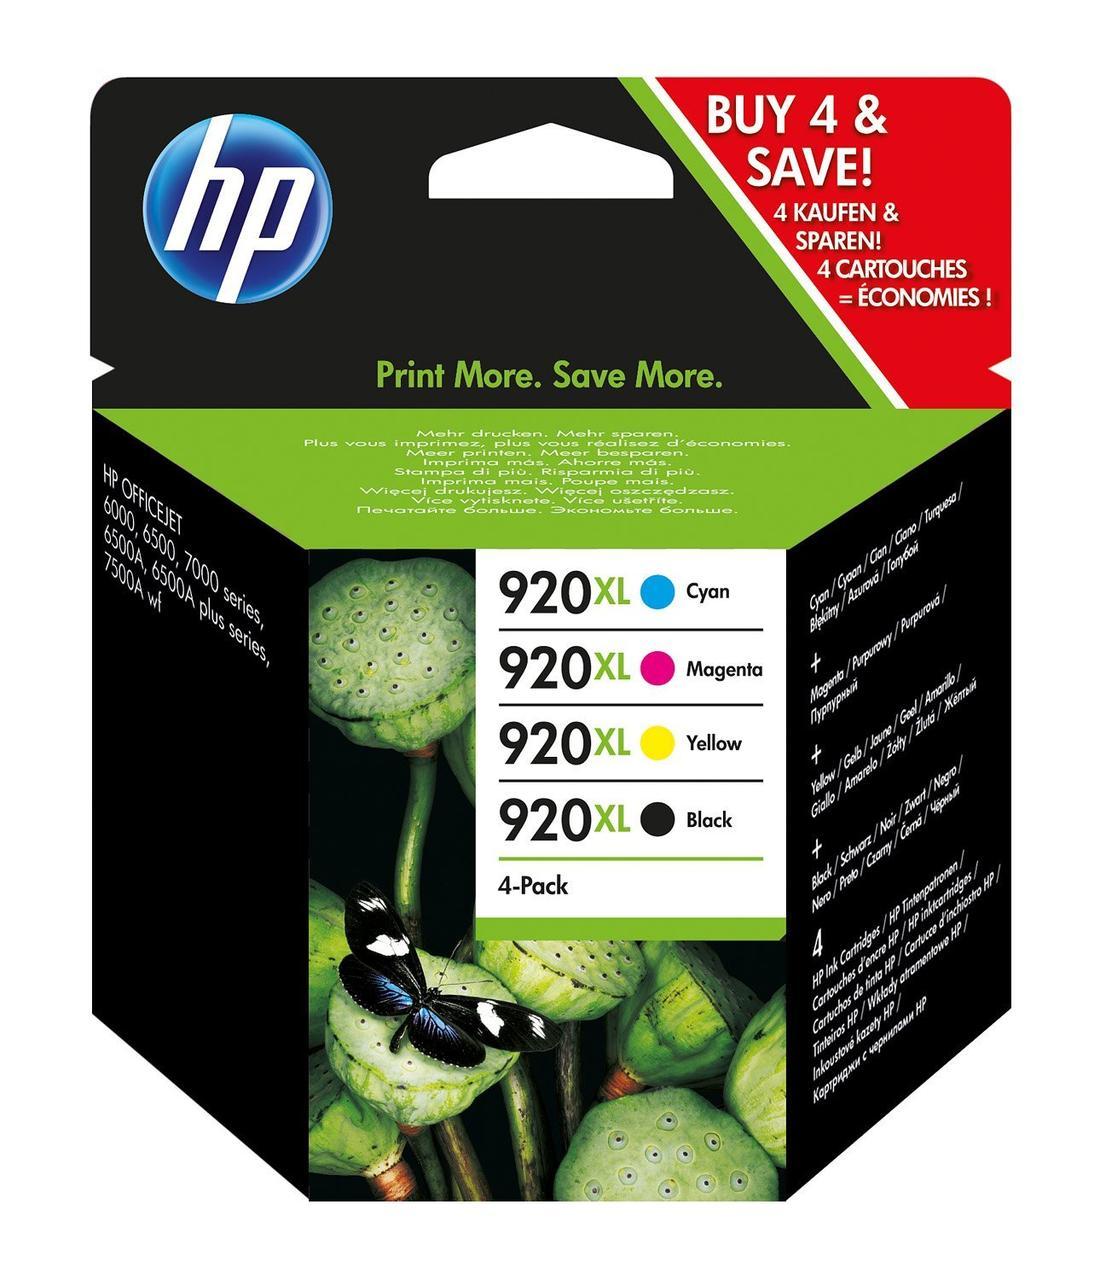 HP 920 XL - Оригинальные картриджи (подходит для HP Officejet), черный / синий / пурпурный / желтый